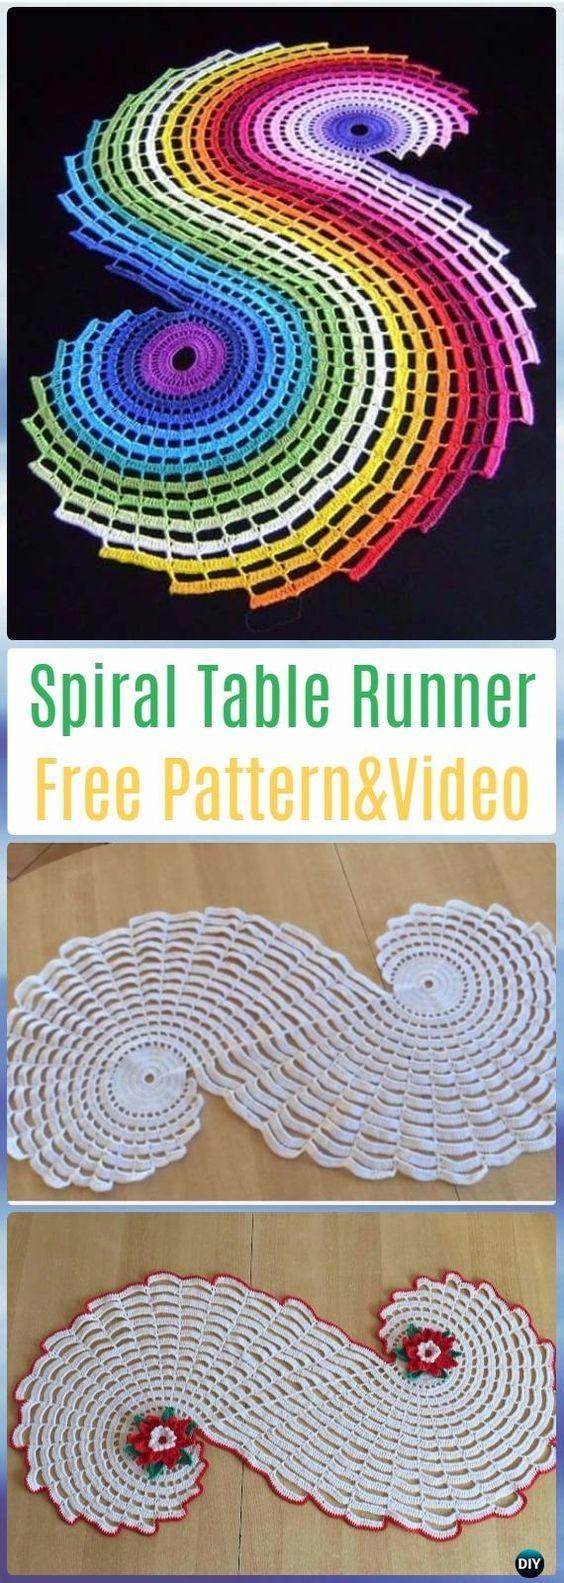 Crochet Spiral Table Runner Free Pattern Video- Crochet Table Runner ...